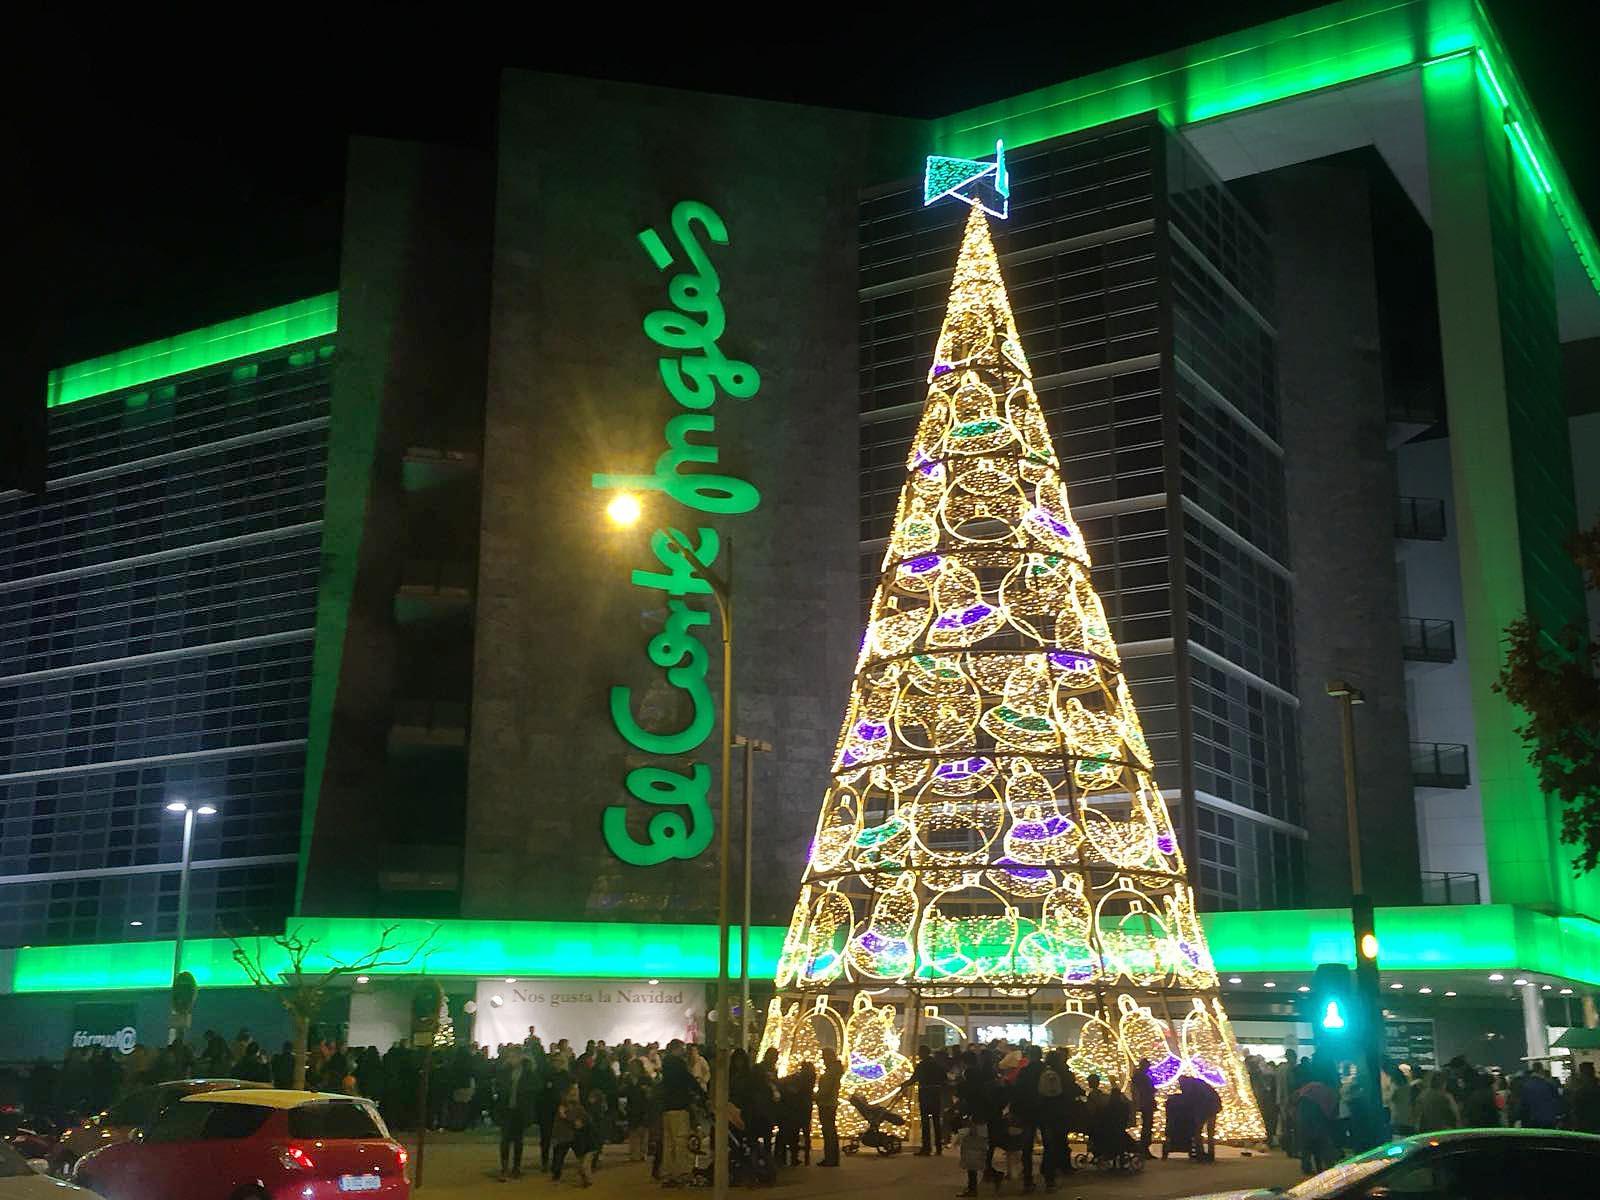 Y La Navidad Ha Llegado A El Corte Ingles De Albacete - Iluminacion-el-corte-ingles